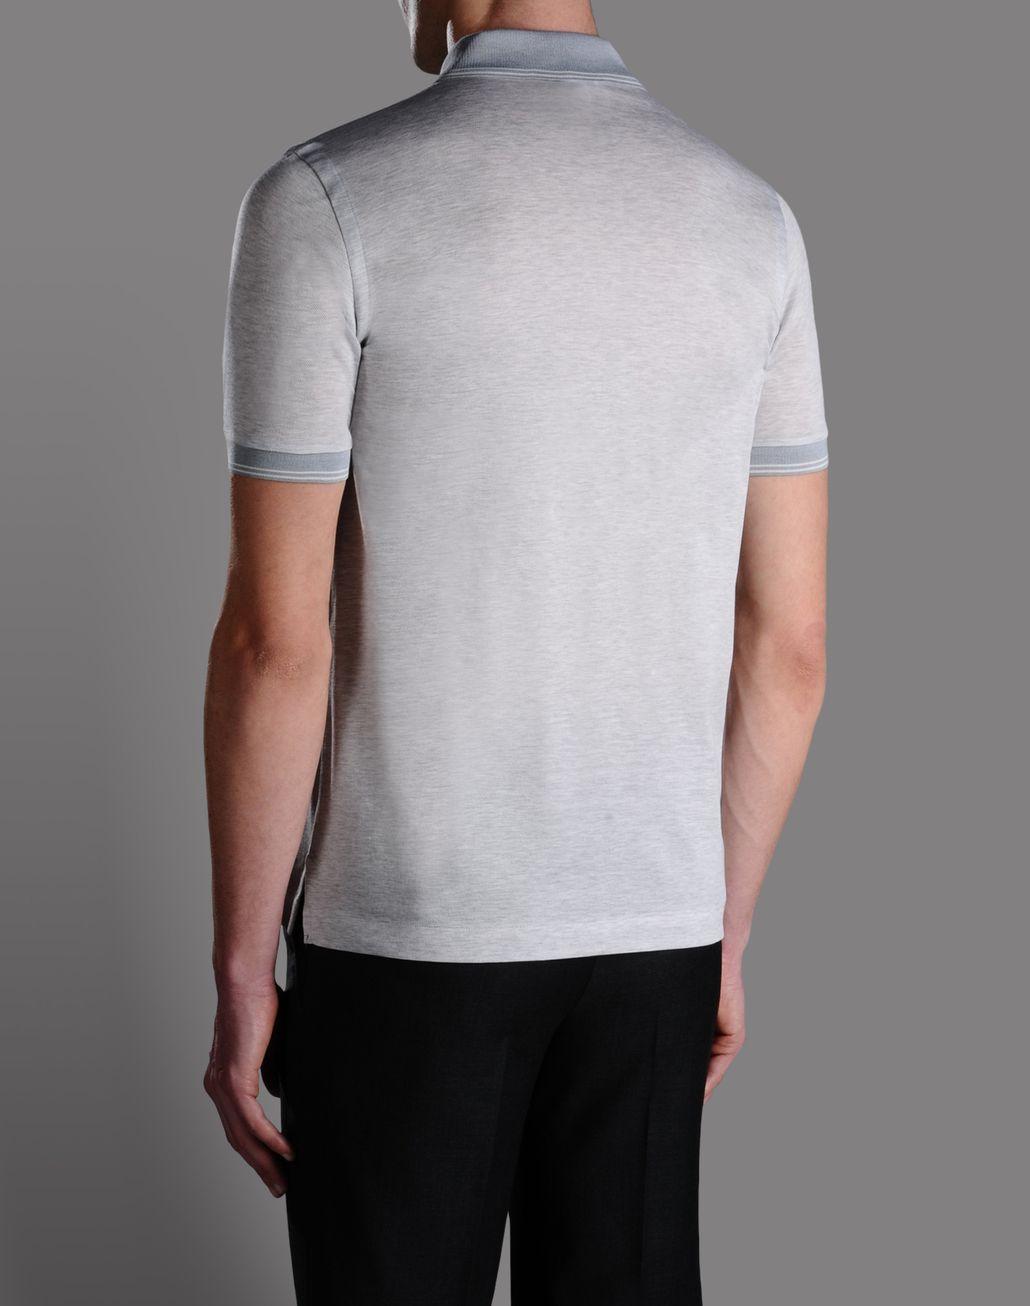 BRIONI POLO SHIRT  T-Shirts & Polos U r